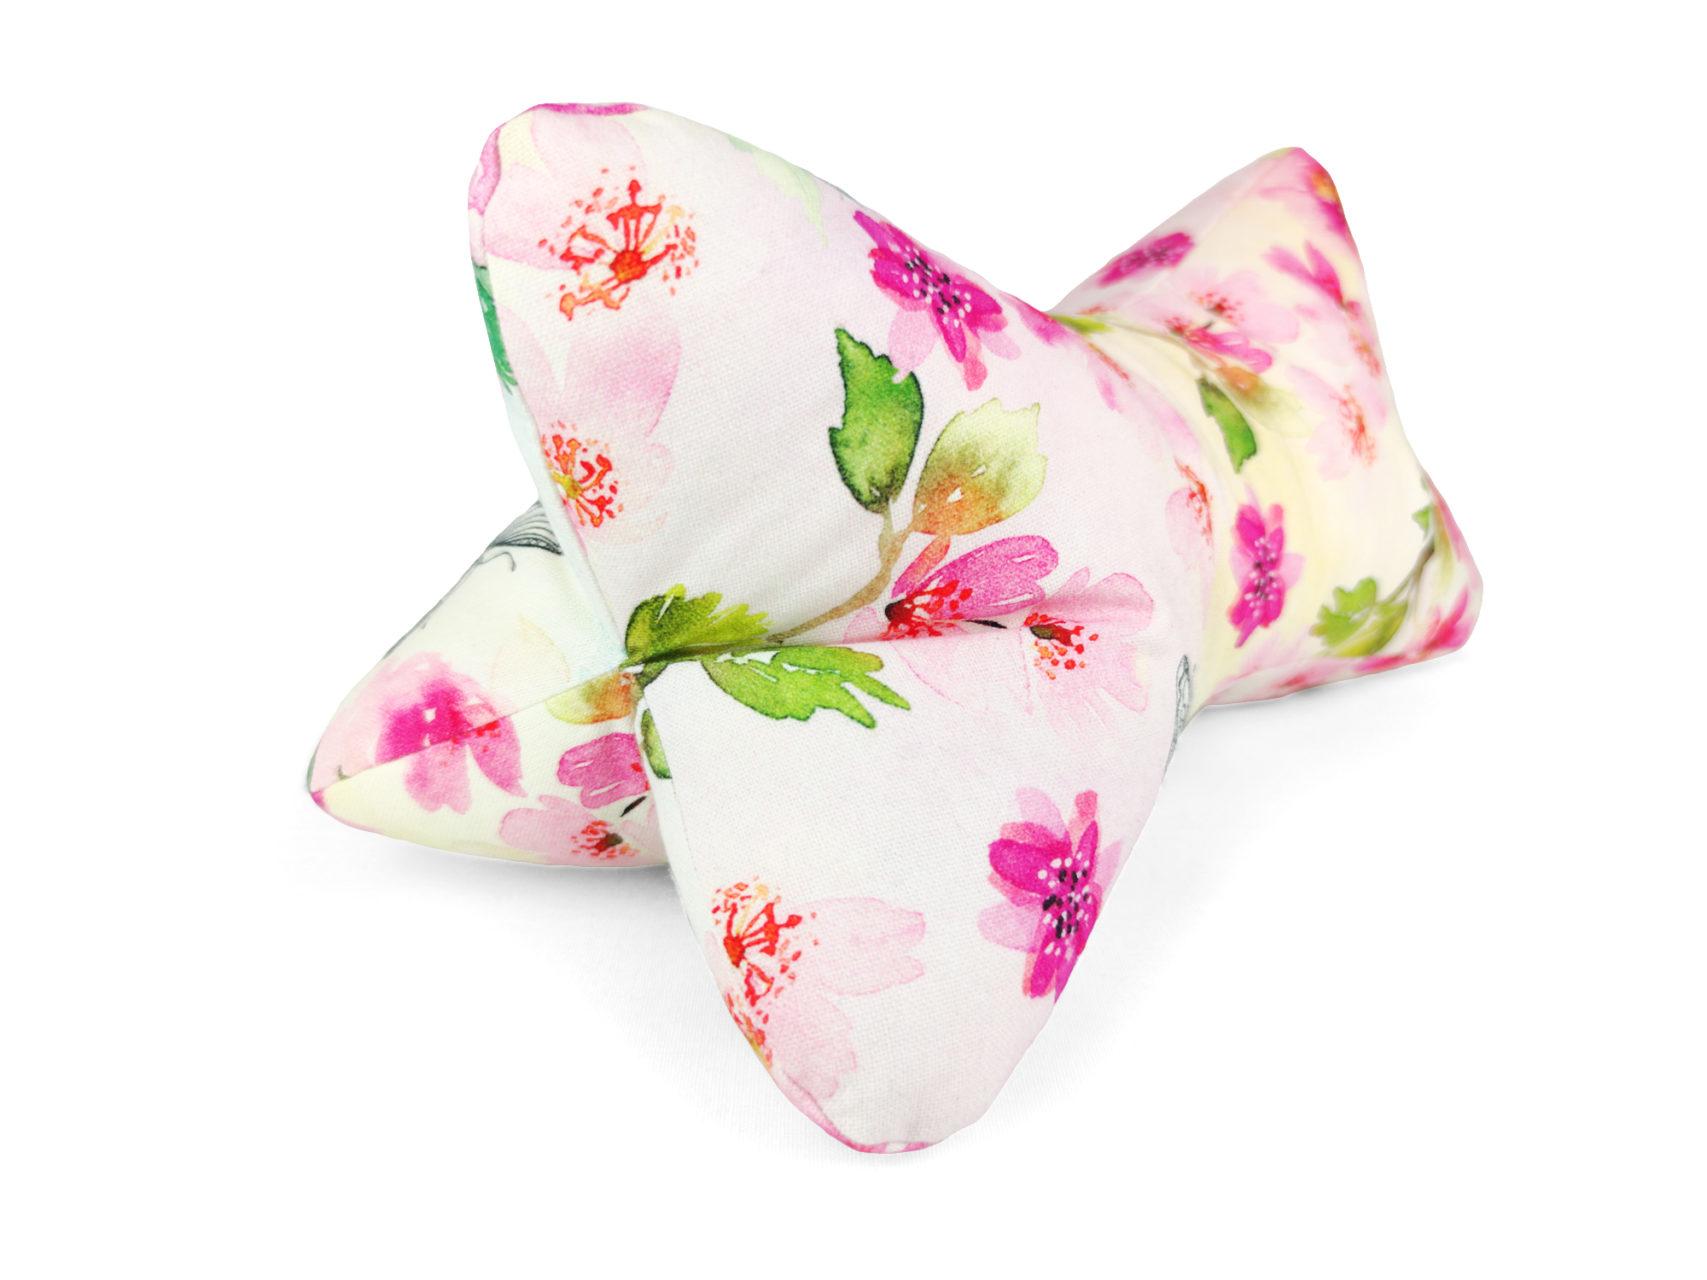 Leseknochen pinke Blumen Schmetterlinge pink flowers